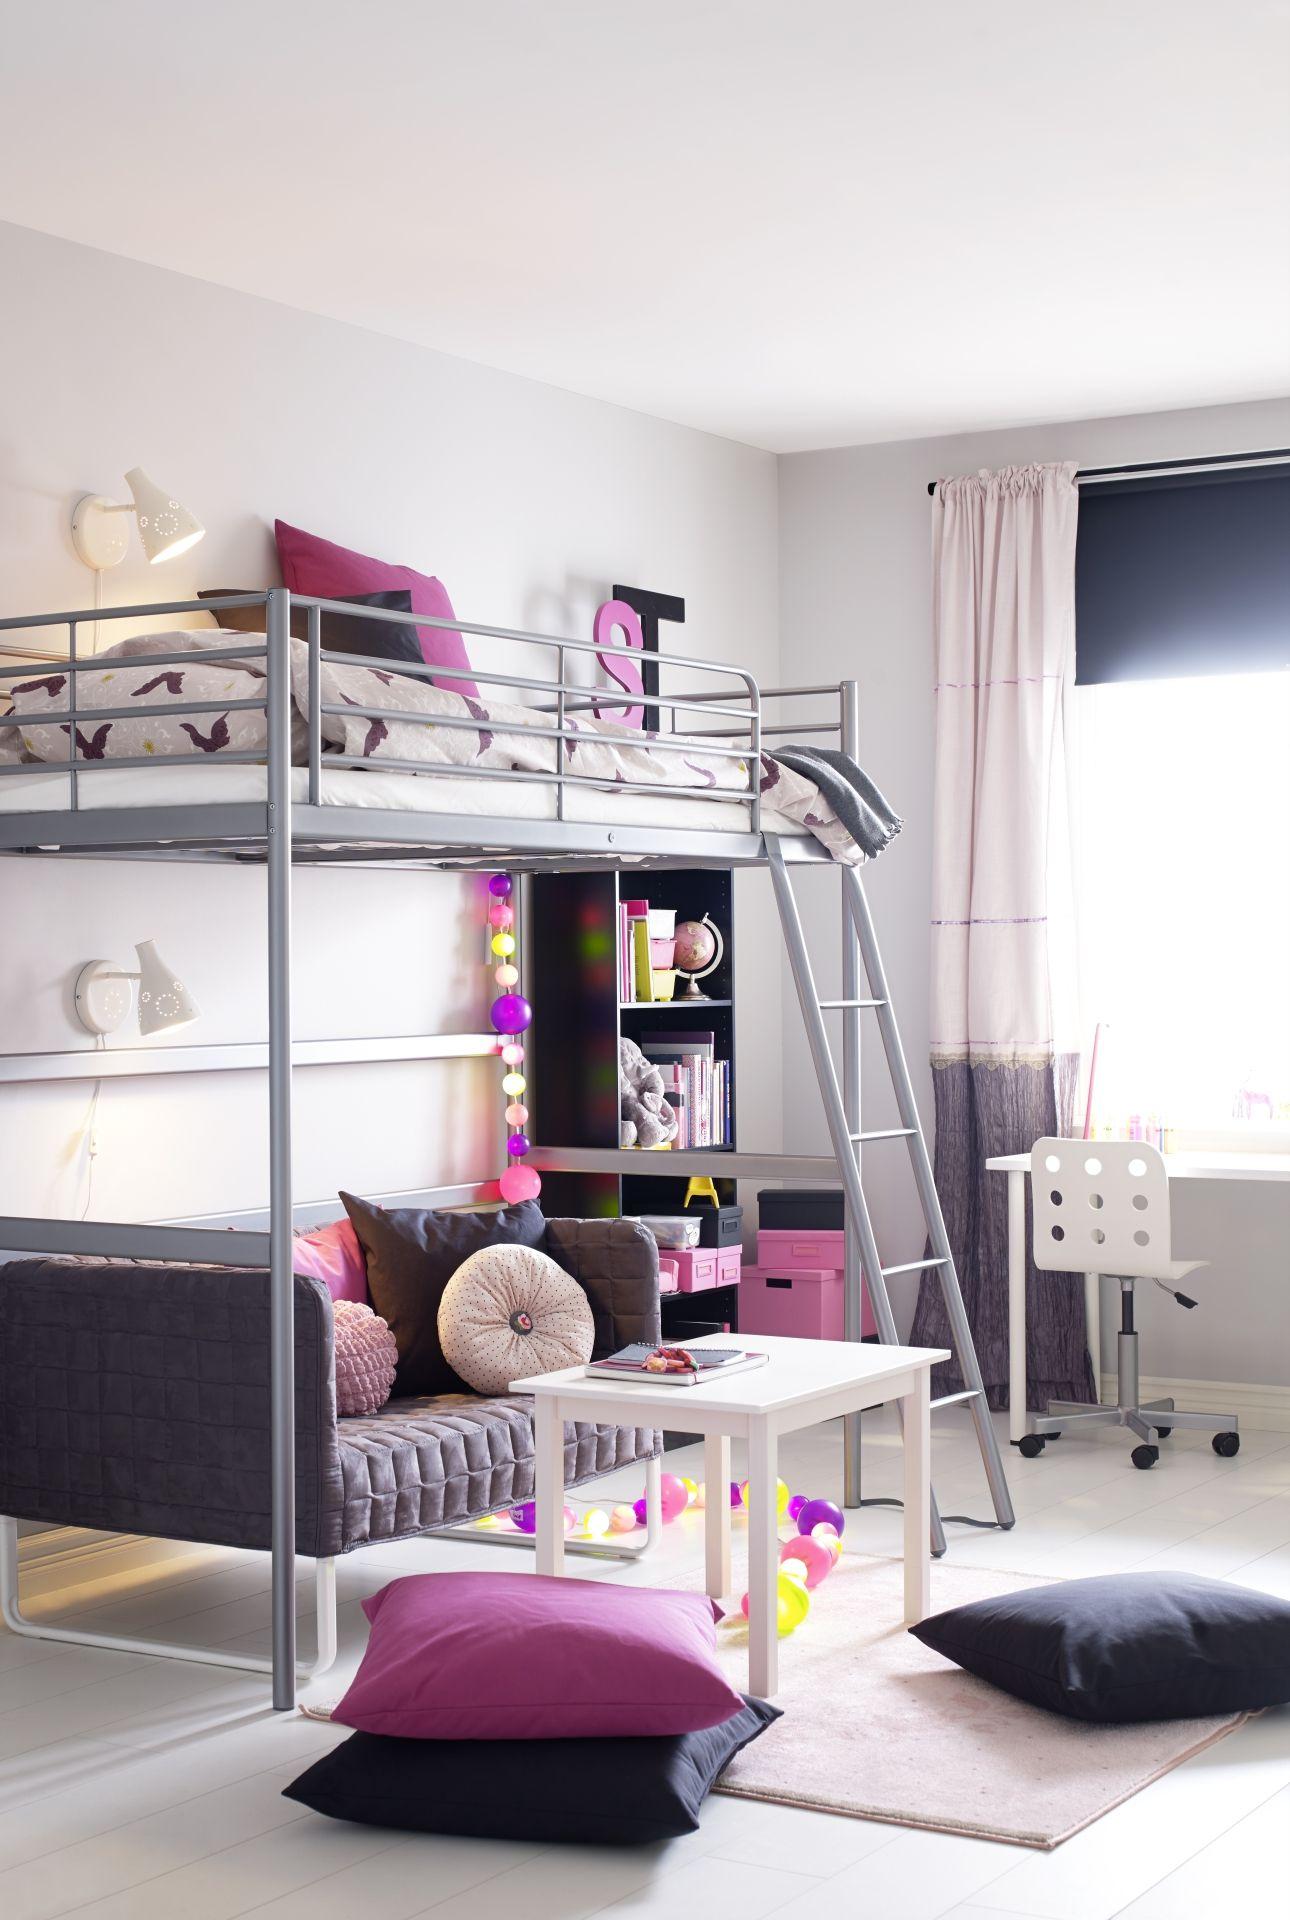 Las camas altas son una soluci n divertida y pr ctica que - Aprovechar espacios pequenos dormitorios ...